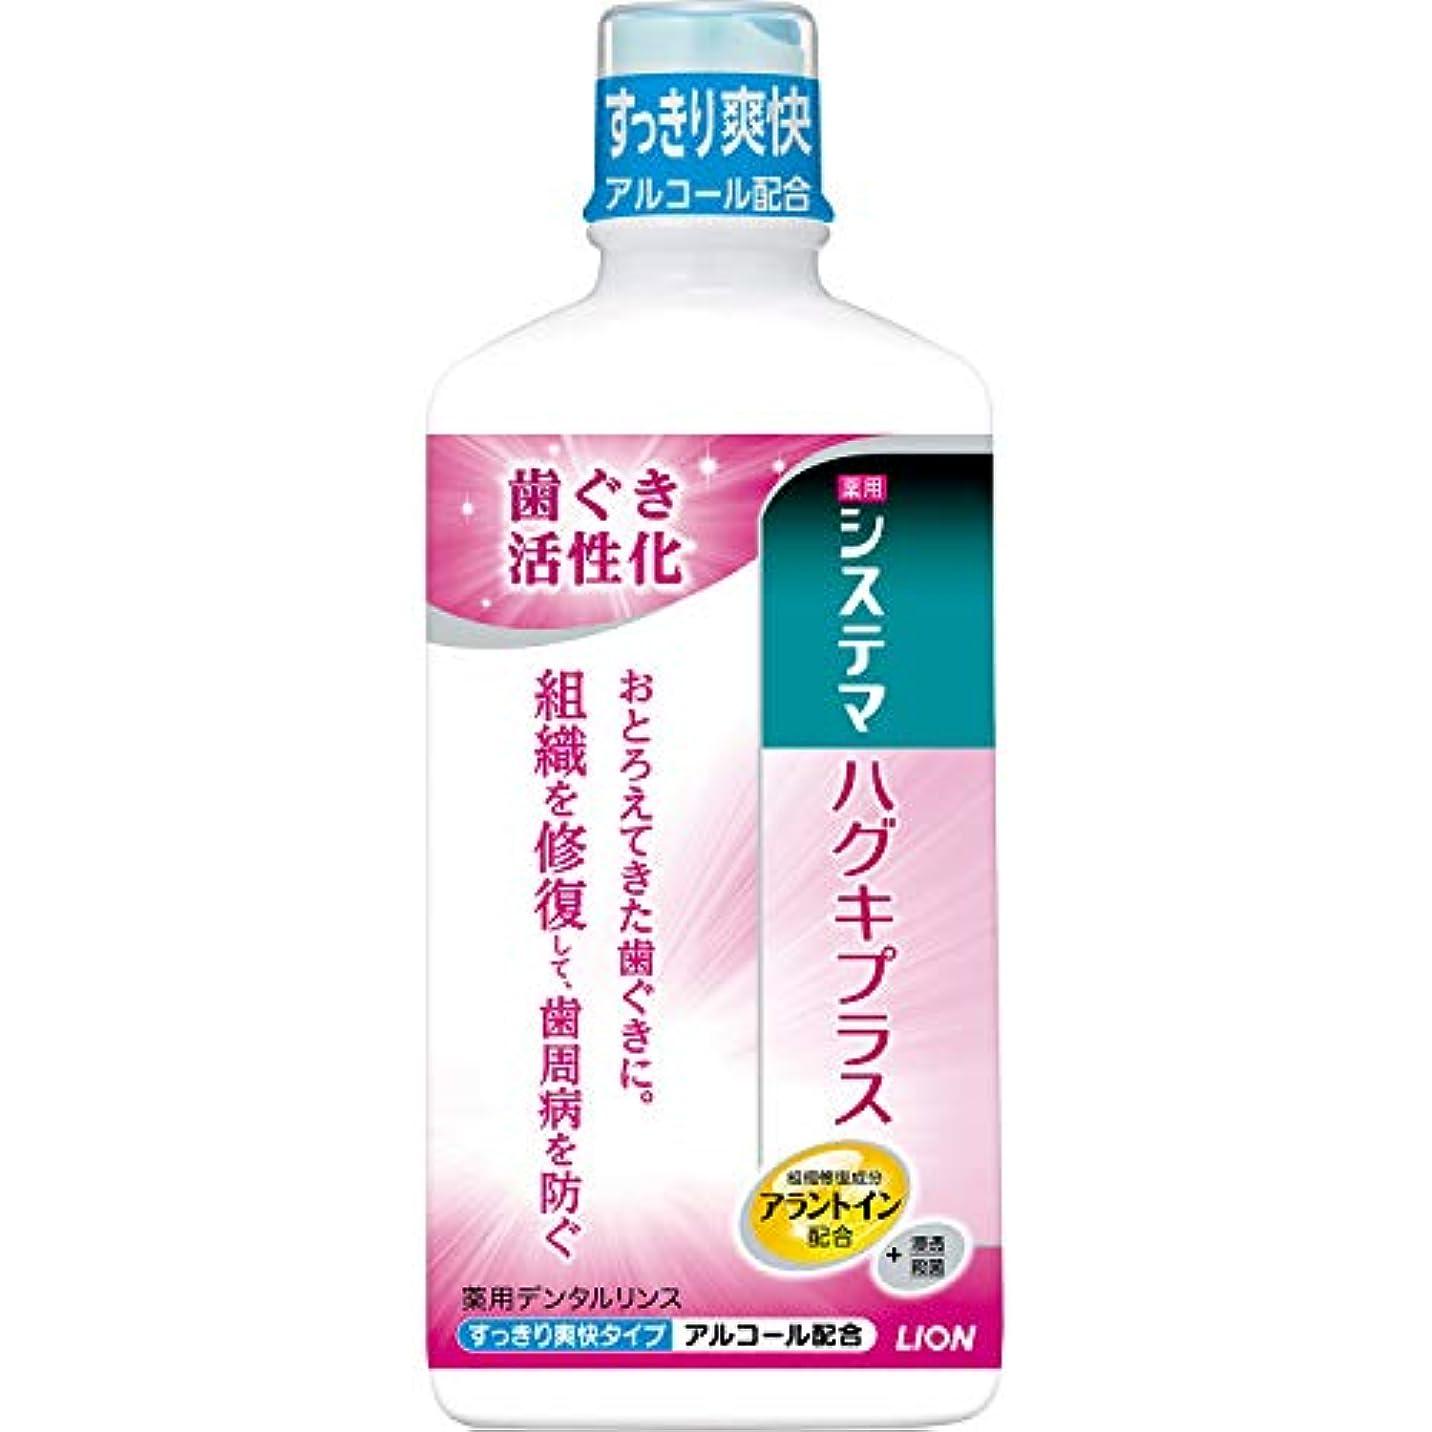 [医薬部外品]システマ ハグキプラス デンタルリンス アルコールタイプ 450ml